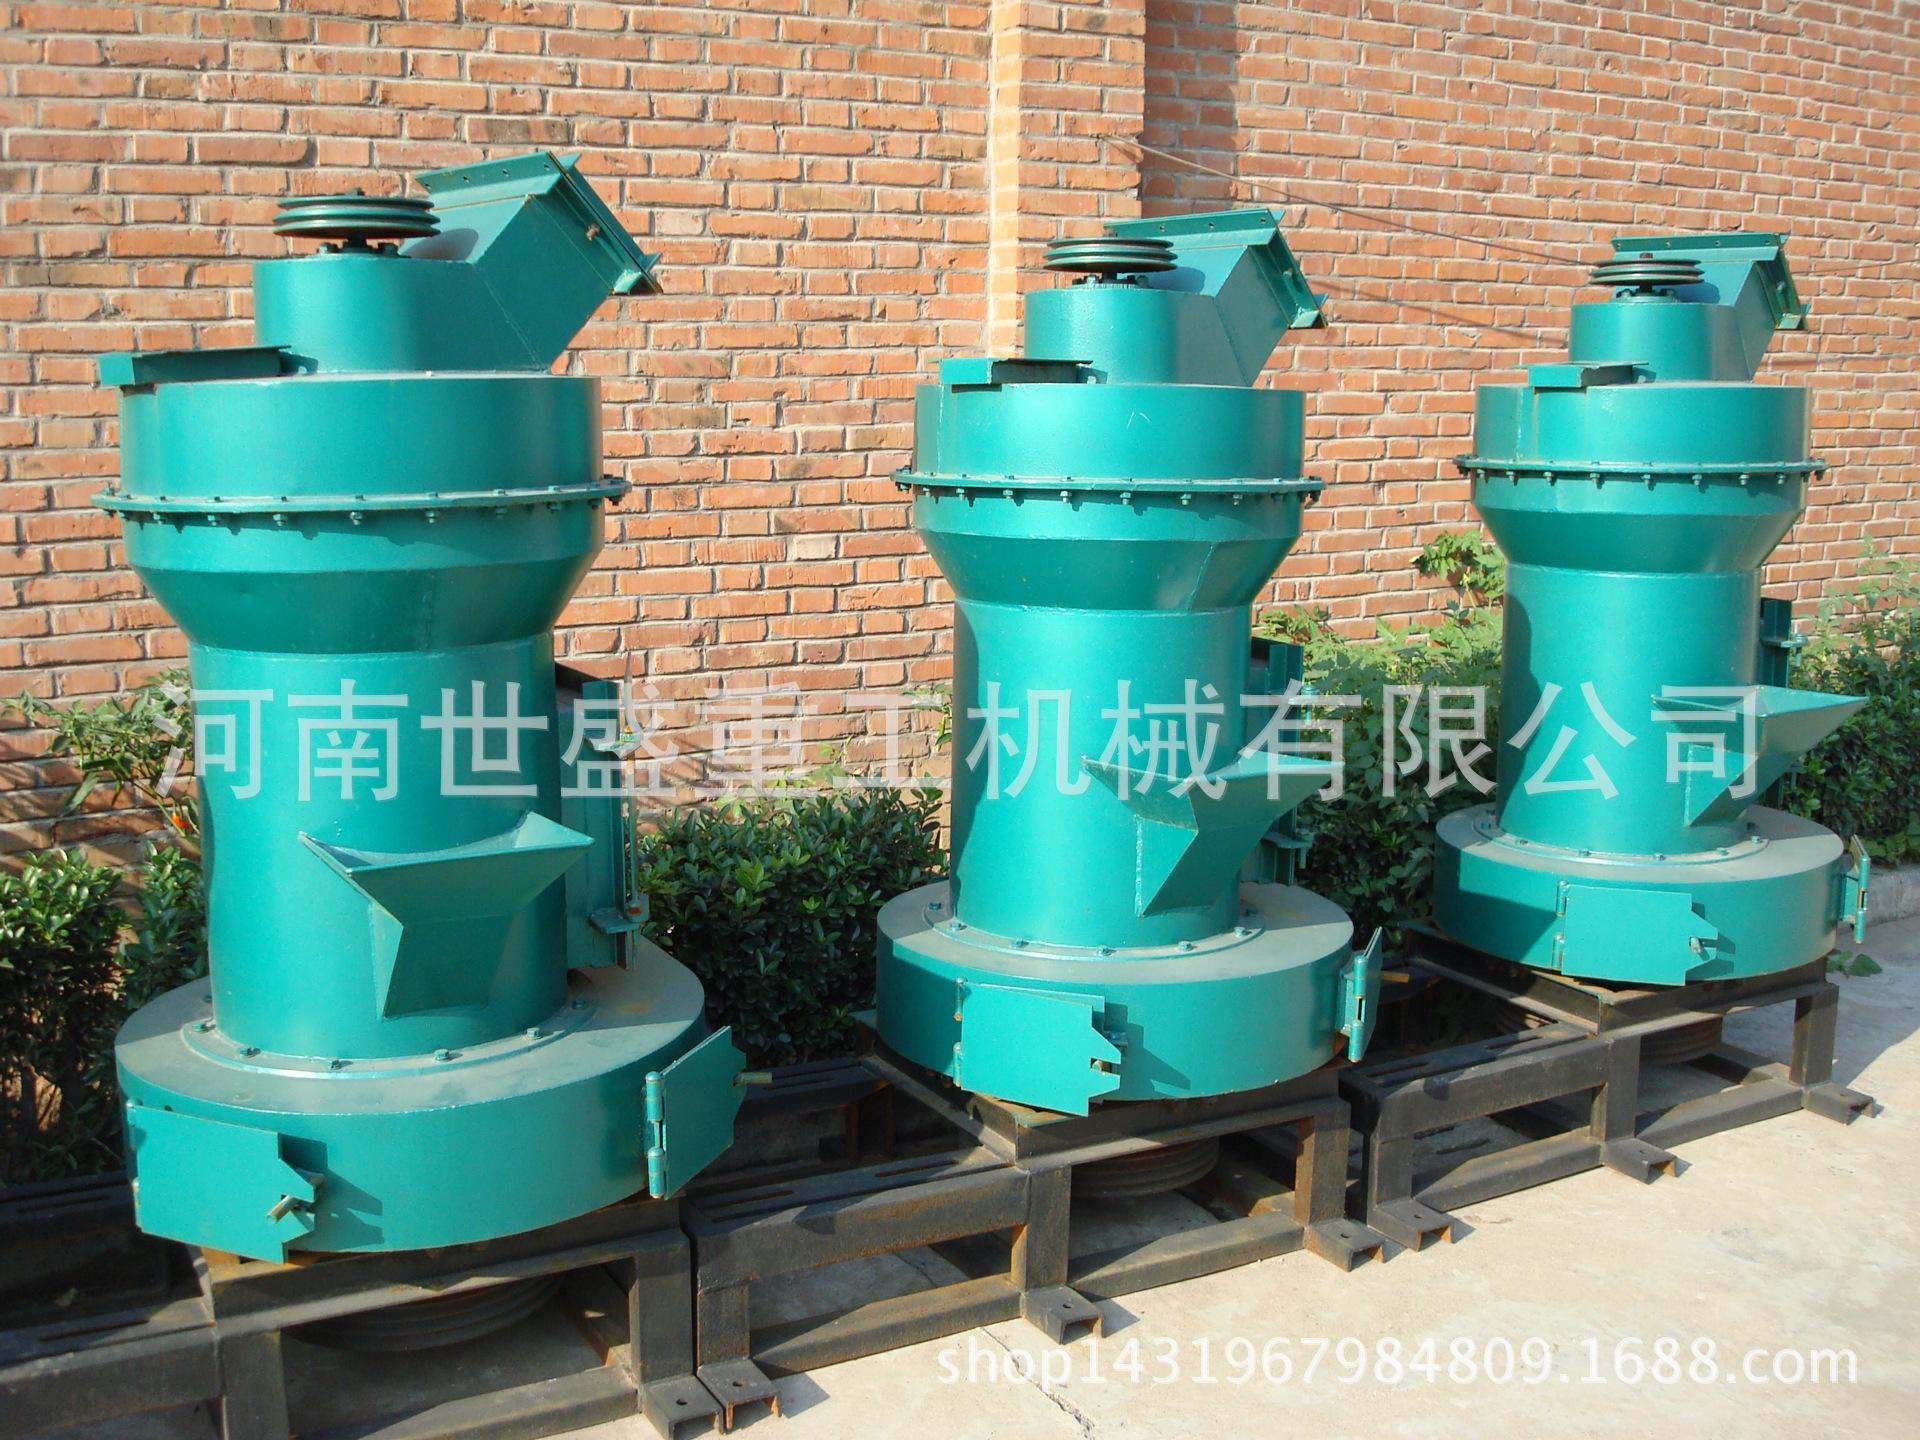 高压悬辊磨粉机YGM85,主要适用于加工莫氏硬度9.3级以下的